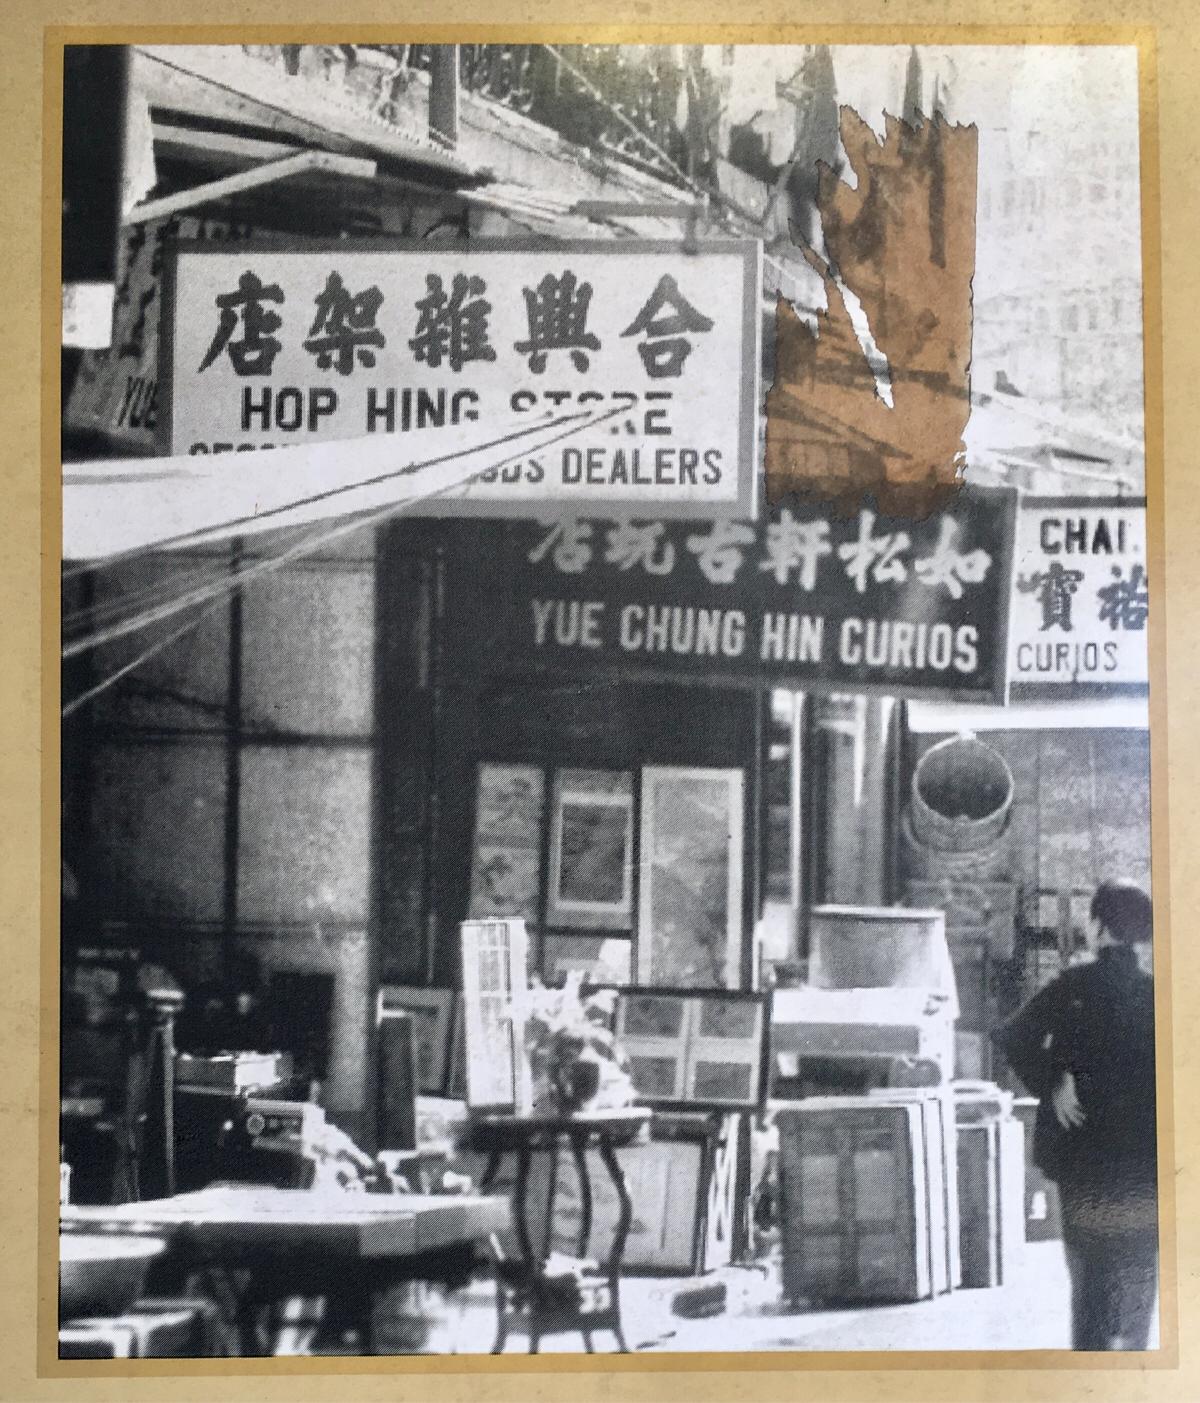 上環の気になる通りを歩いてみました~(2)キャットストリート / 摩羅上街(Upper Lascar Row)〜香港歴史散歩@上環(Sheung Wan)